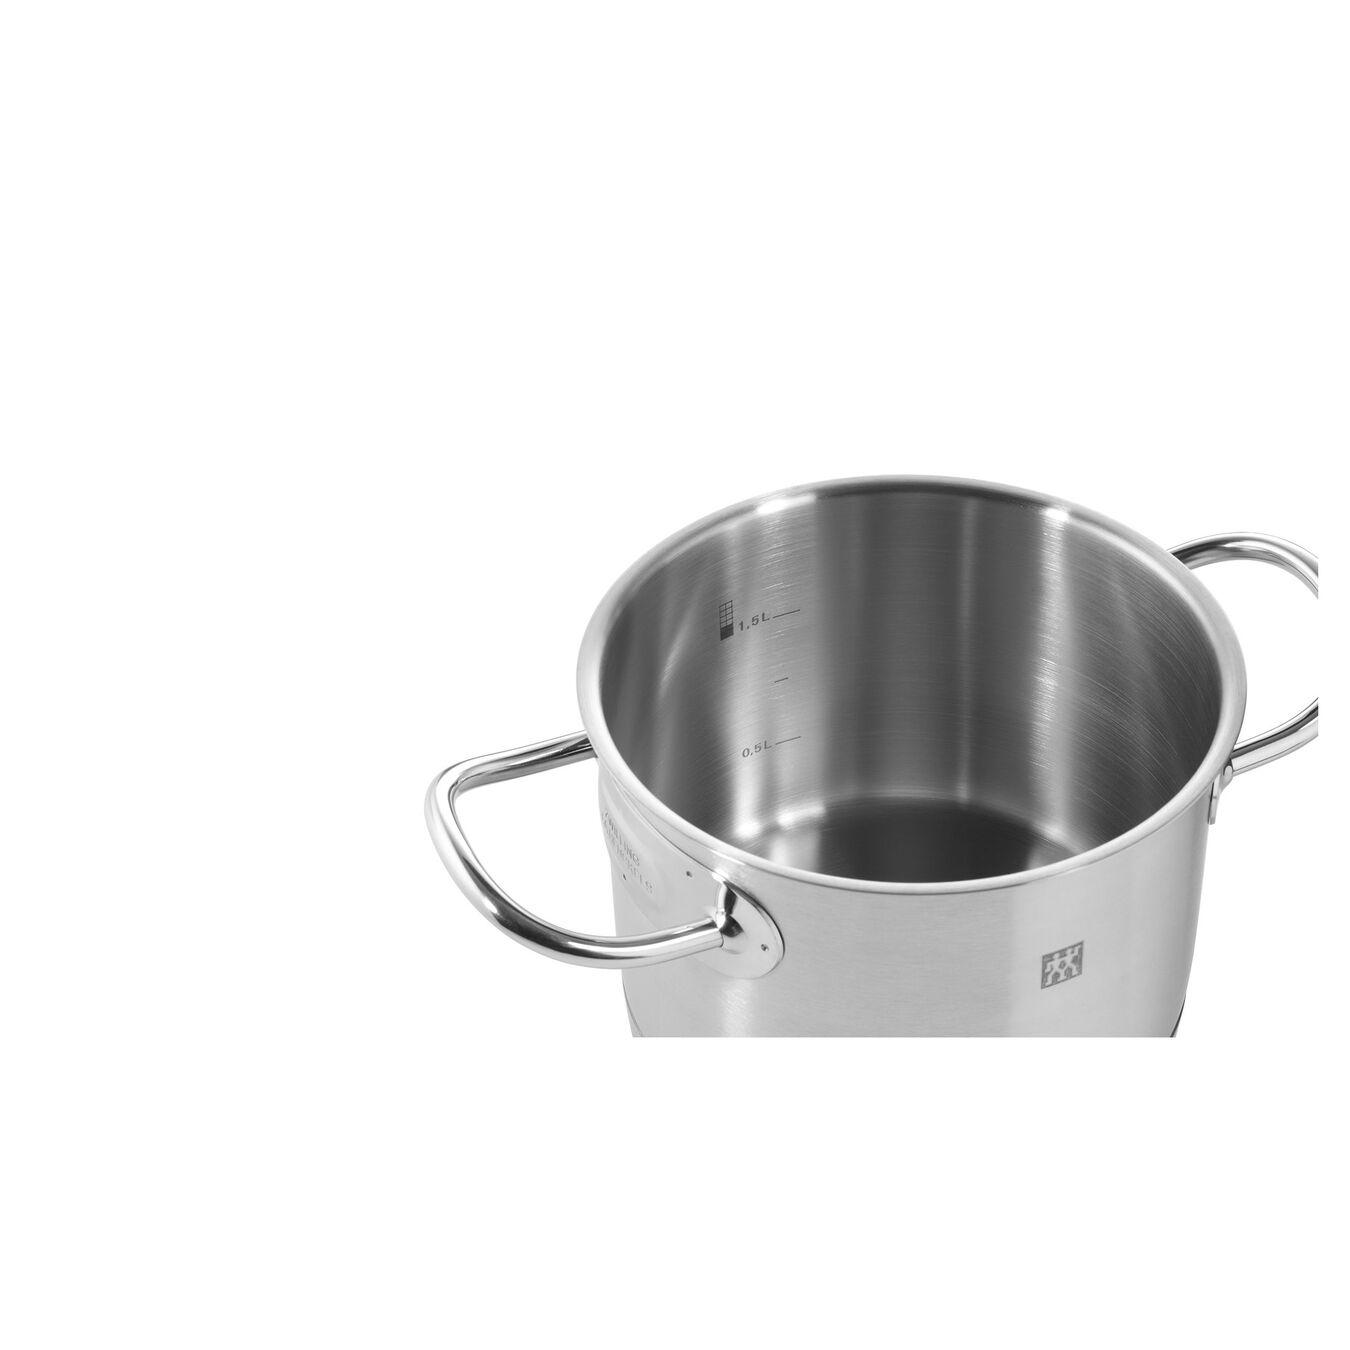 Gryt & kastrullset 4-st, 18/10 Rostfritt stål,,large 3